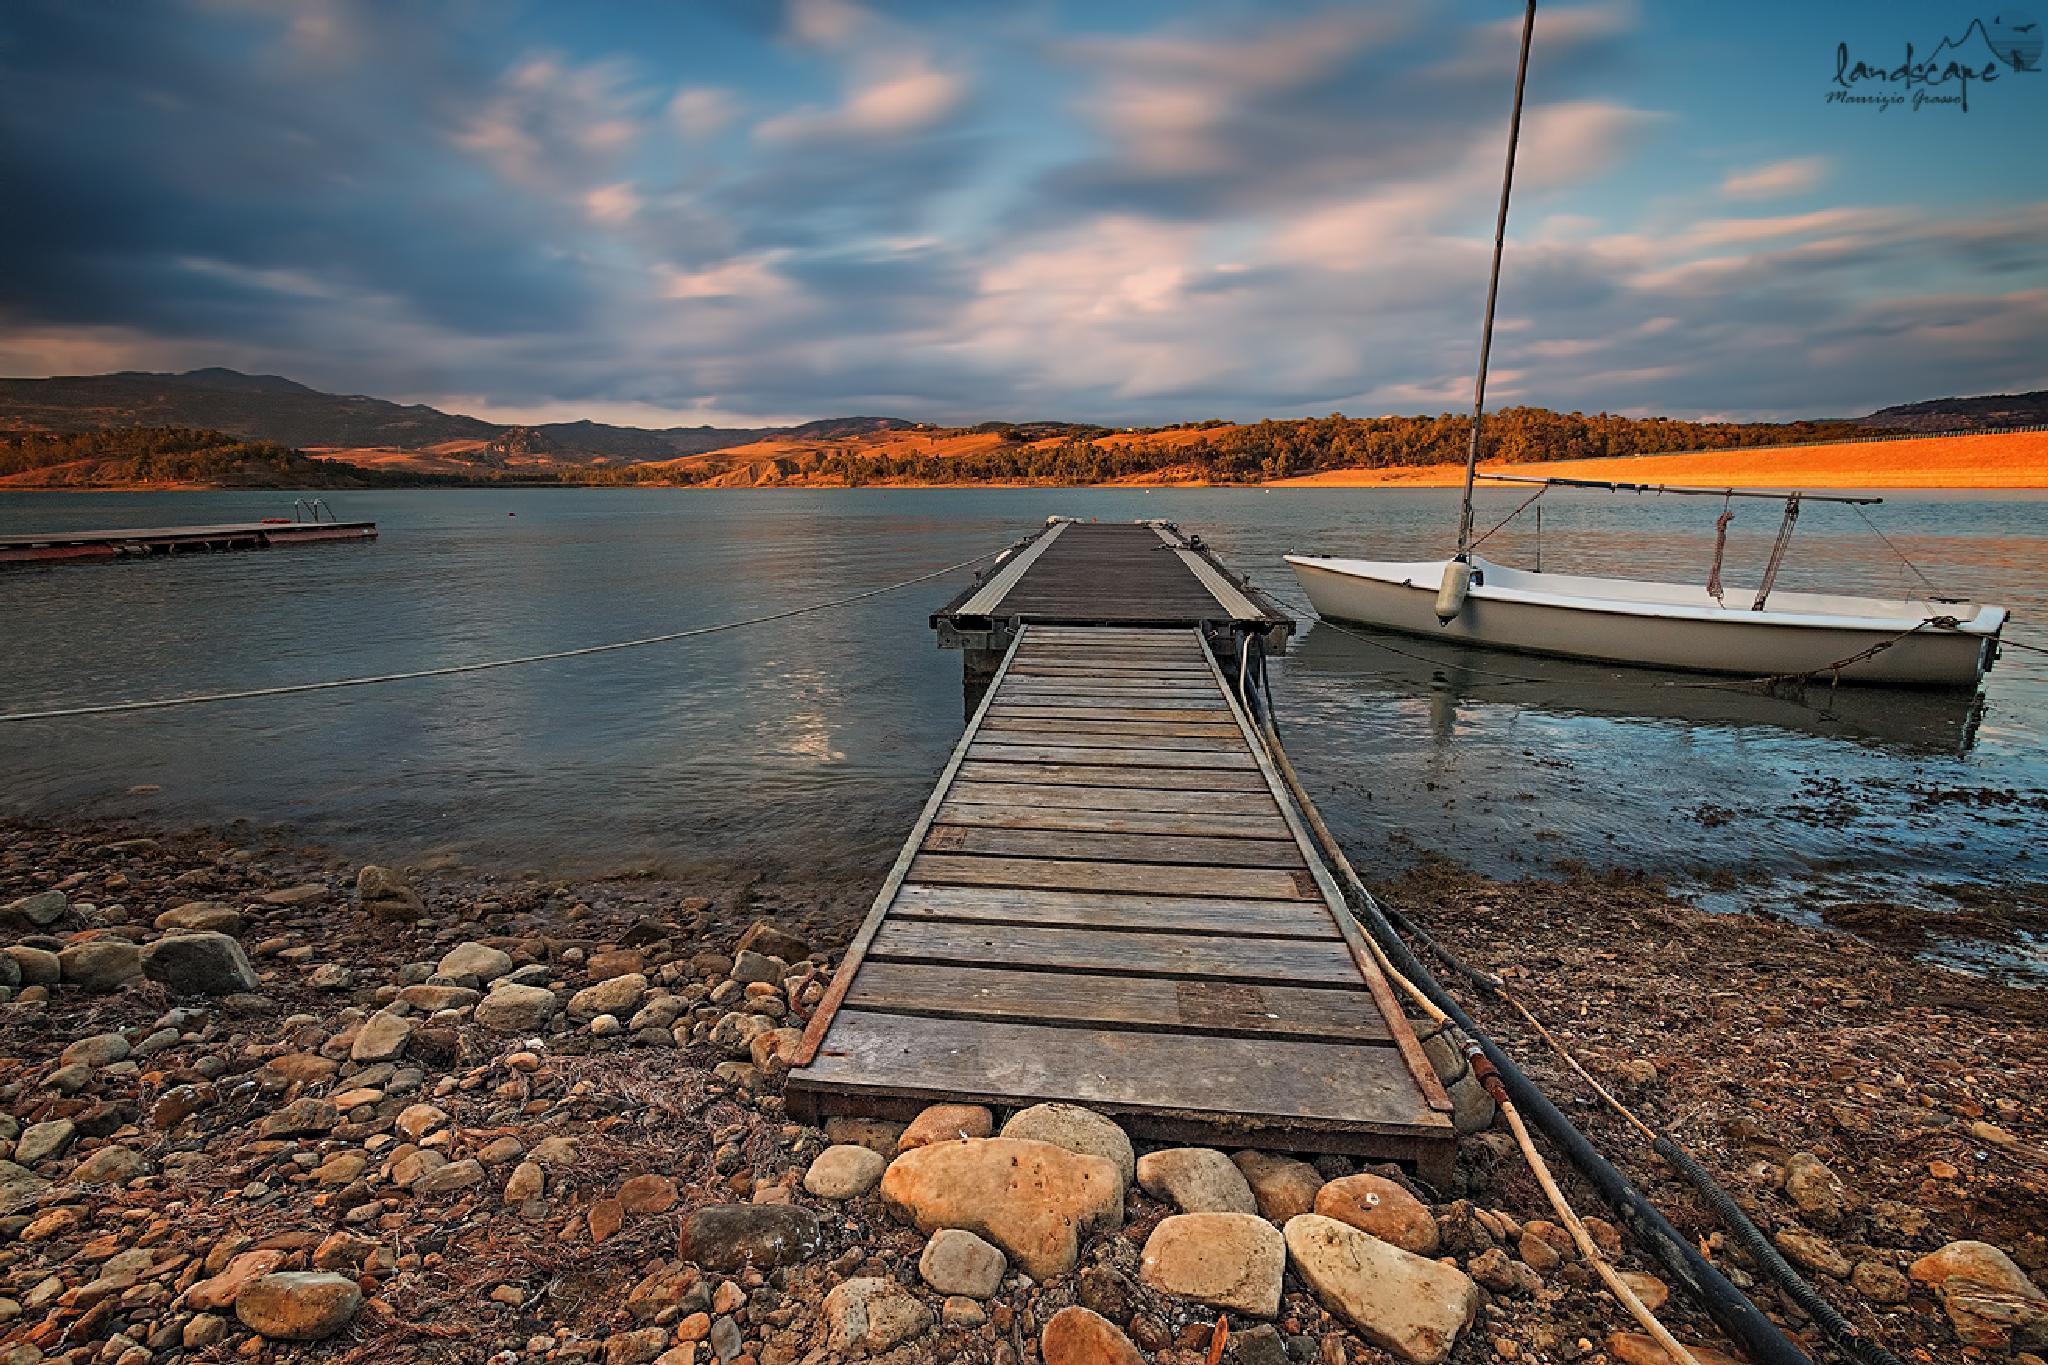 ...ultime luci sul lago by Maurizio Grasso